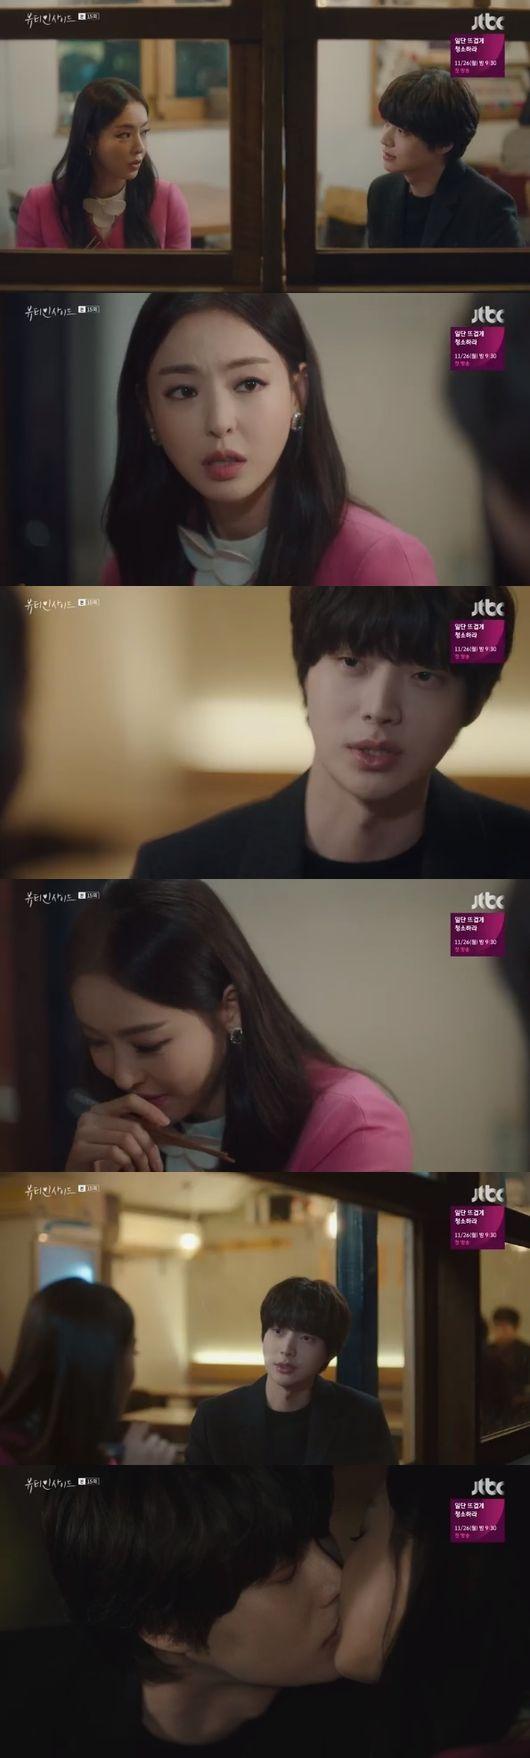 차비 대신 키스..뷰티 인사이드 안재현, ♥이다희에 첫 입맞춤 [Oh!쎈 리뷰]